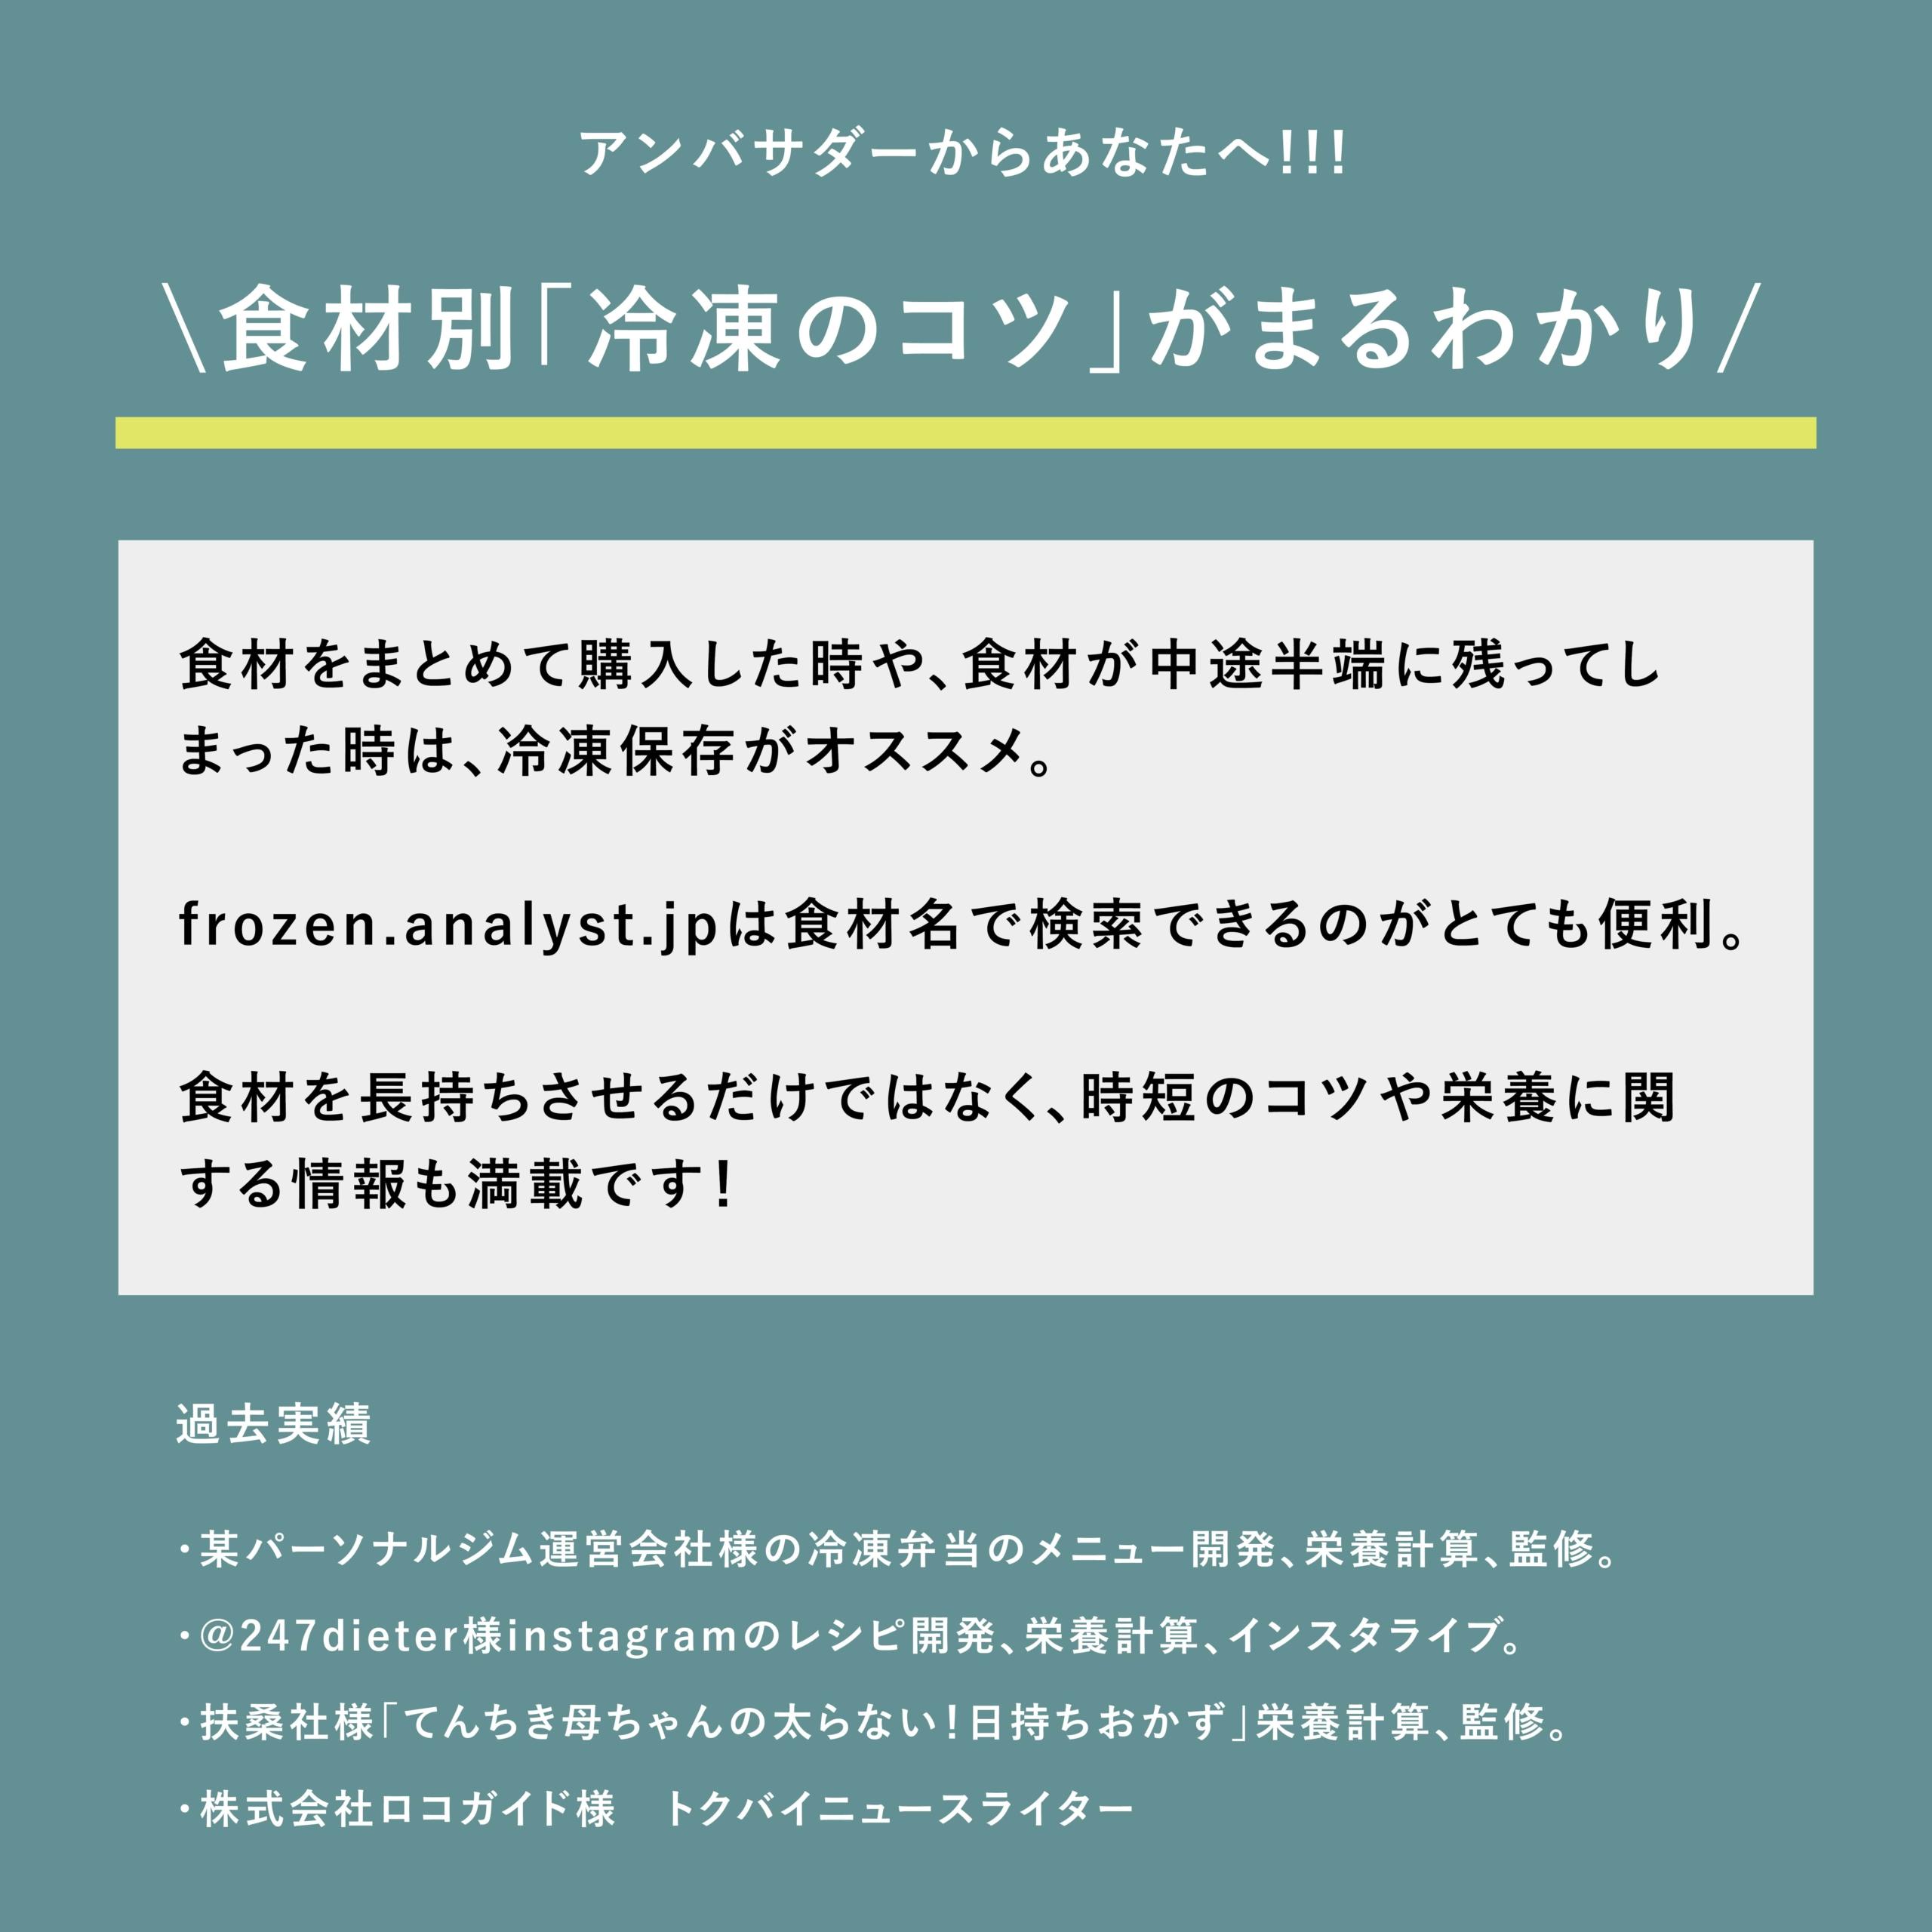 アンバサダーからあなたへ!!!frozen.analyst.jpなら、食材別「冷凍のコツ」がまるわかり!食材をまとめて購入した時や、食材が中途半端に残ってしまった時は、冷凍保存がオススメ。frozen.analyst.jpは食材名で検索できるのがとても便利。食材を長持ちさせるだけではなく、時短のコツや栄養に関する情報も満載です!  過去実績 ・某パーソナルジム運営会社様の冷凍弁当のメニュー開発、栄養計算、監修。 ・@247dieter様instagramのレシピ開発、栄養計算、インスタライブ。 ・扶桑社様「てんちき母ちゃんの太らない!日持ちおかず」栄養計算、監修。 ・株式会社ロコガイド様 トクバイニュースライター